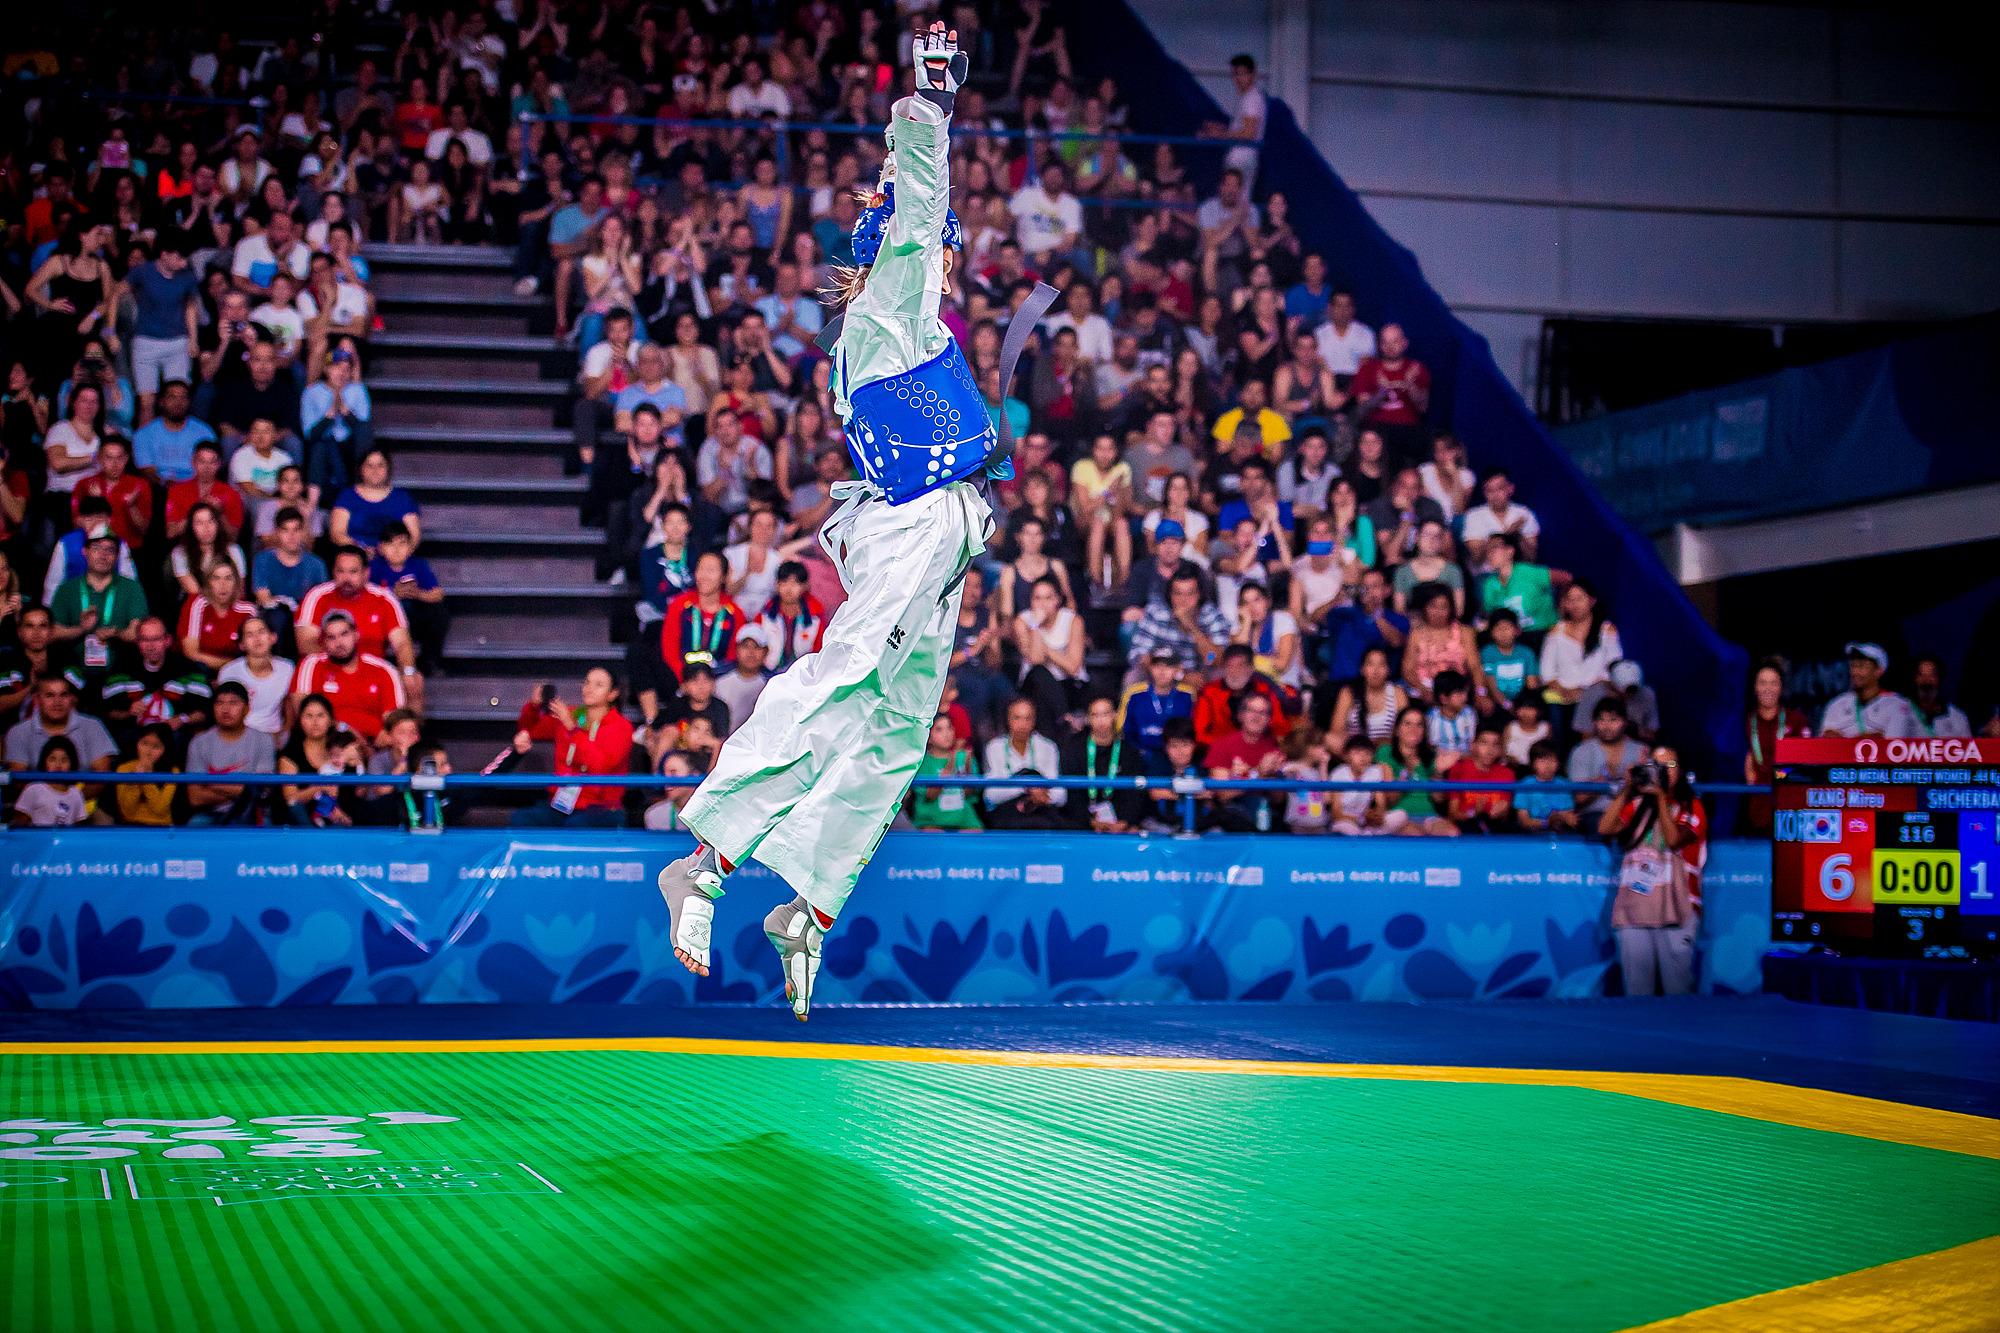 , El evento de equipo mixto de Taekwondo se une a los Juegos Olímpicos de la Juventud 2022, Noticia Sport